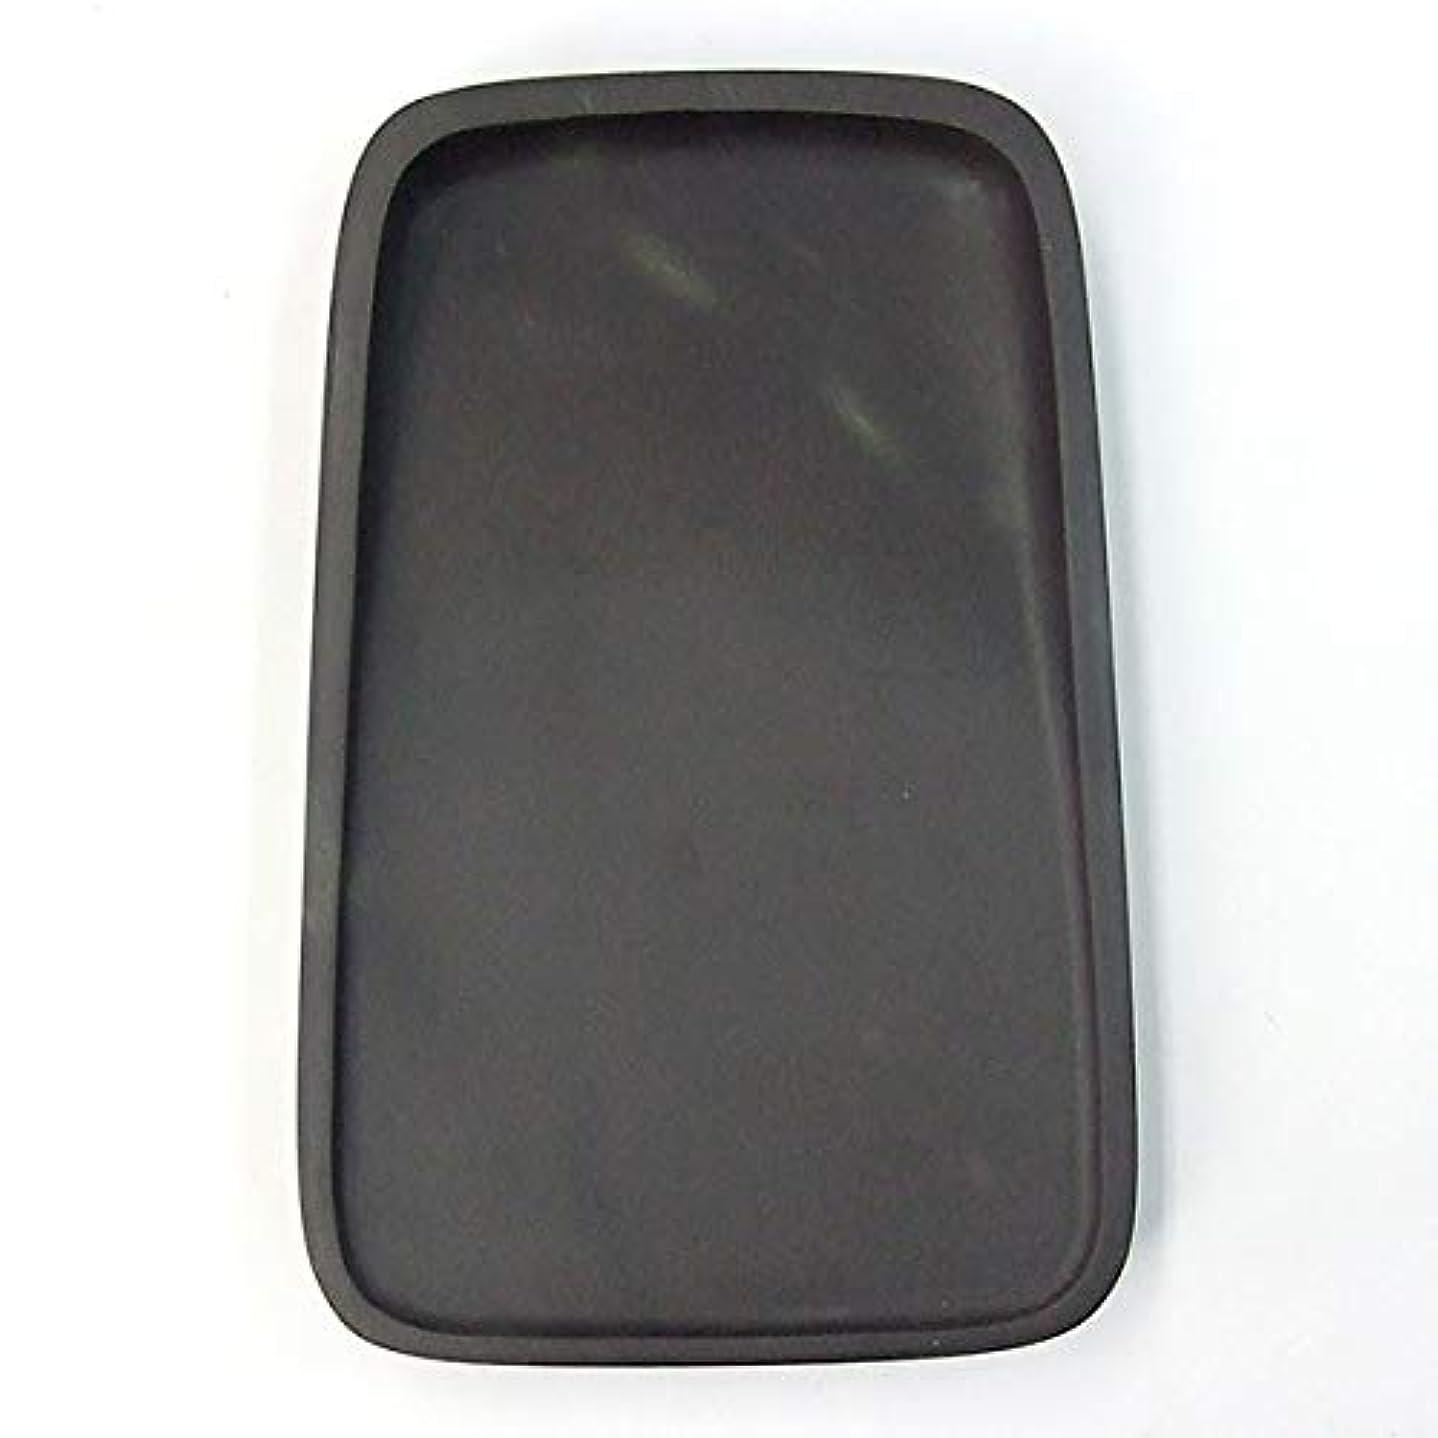 シーボード報告書コンサルタント端渓 麻子坑 自然楕円硯 6.0吋